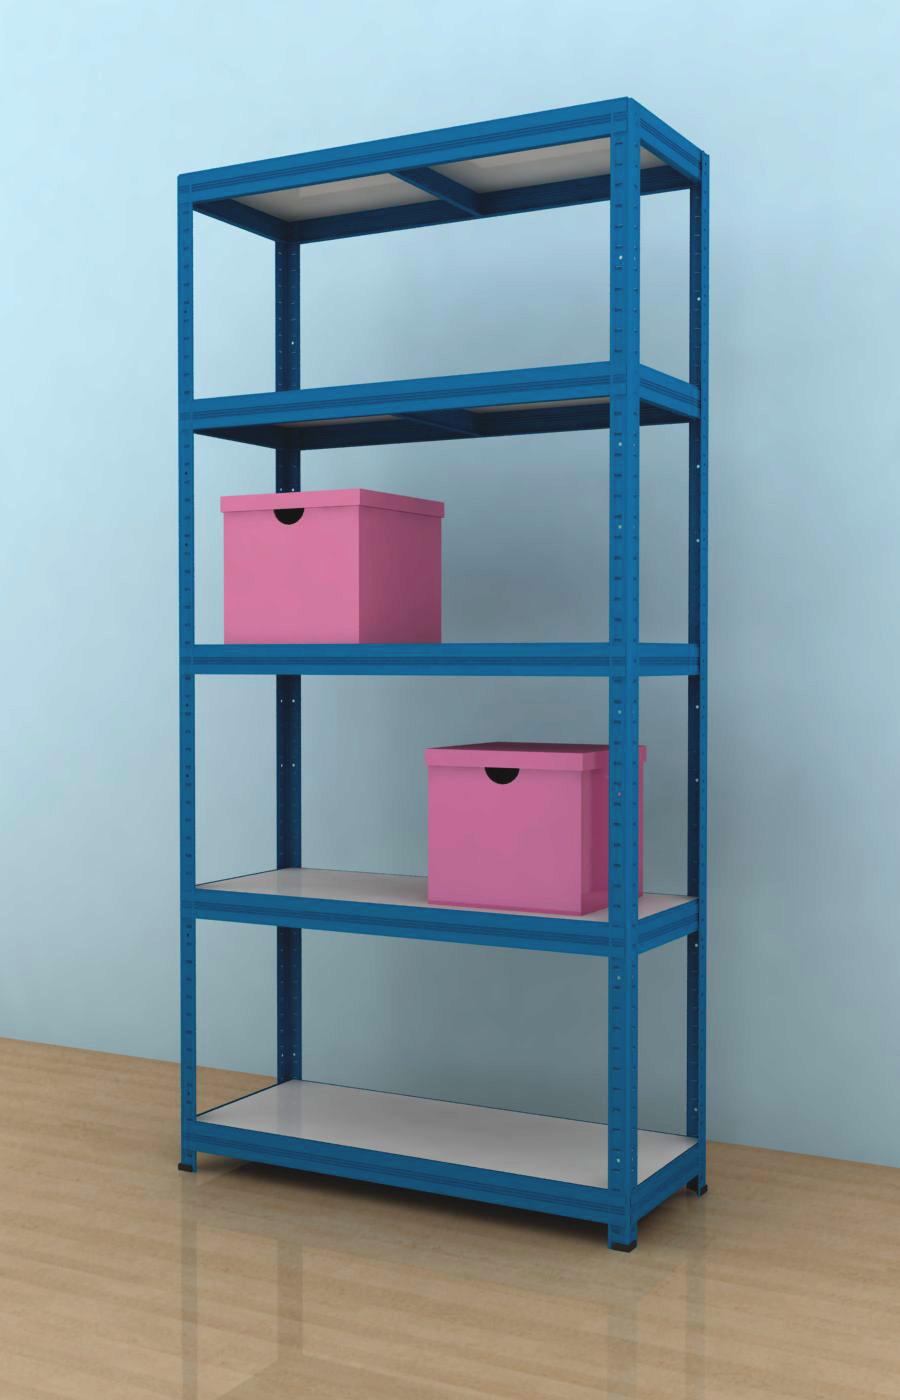 Kovový regál Futur 1800x900x350/5, modrá, 275 kg/pol.- lamino (Modrá, 275kg/pol. lamino!)